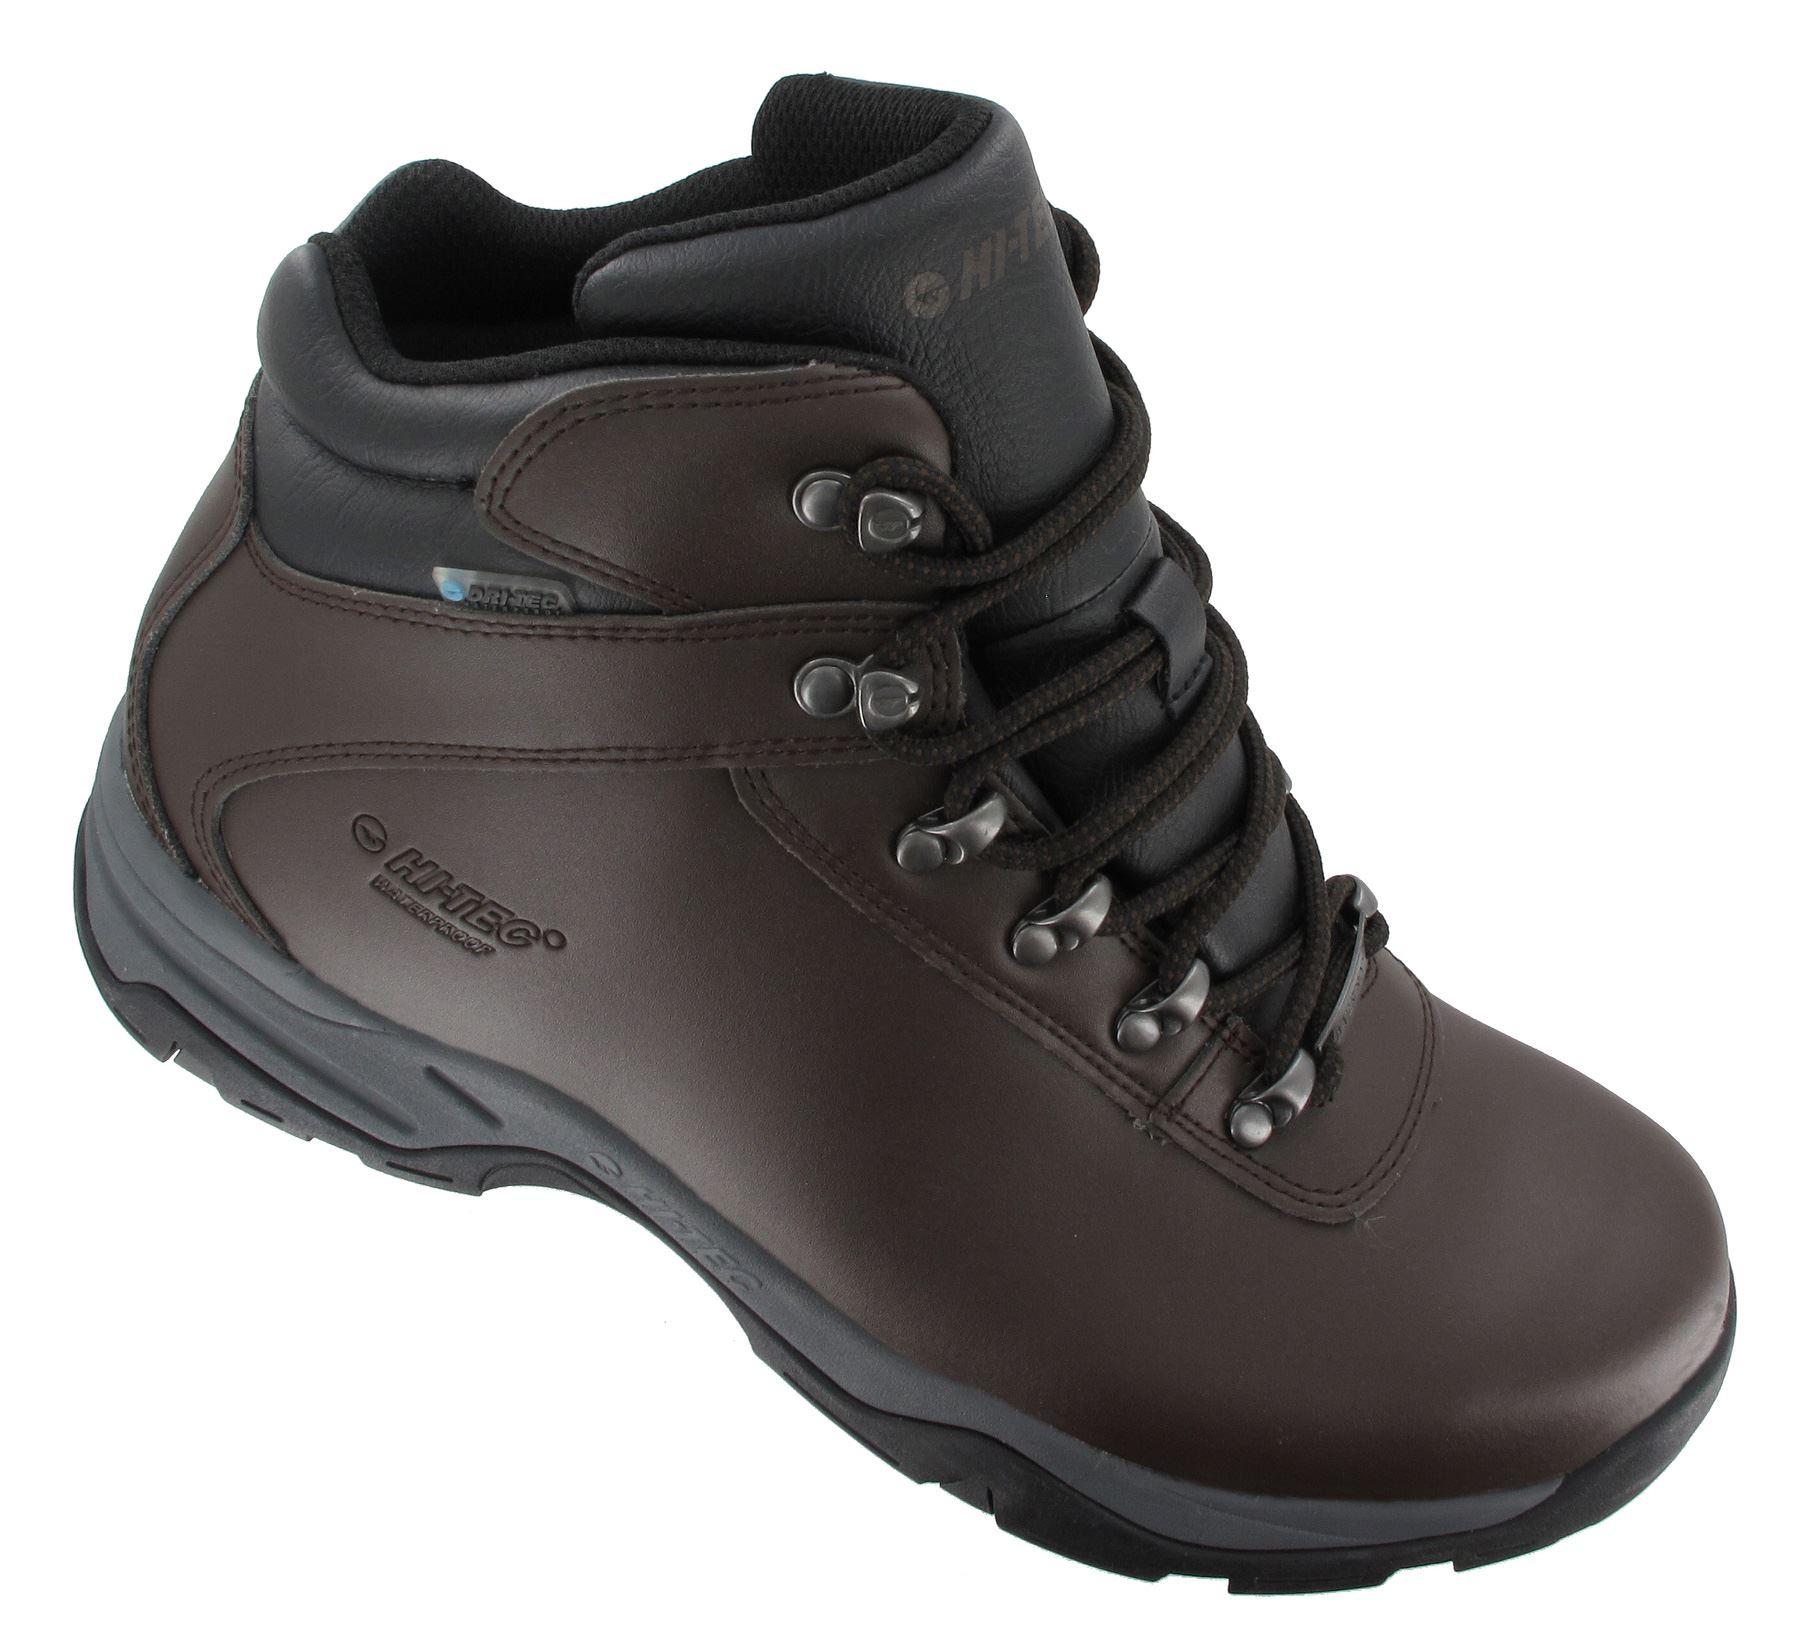 hi tec eurotrek 3 iii waterproof mens leather walking